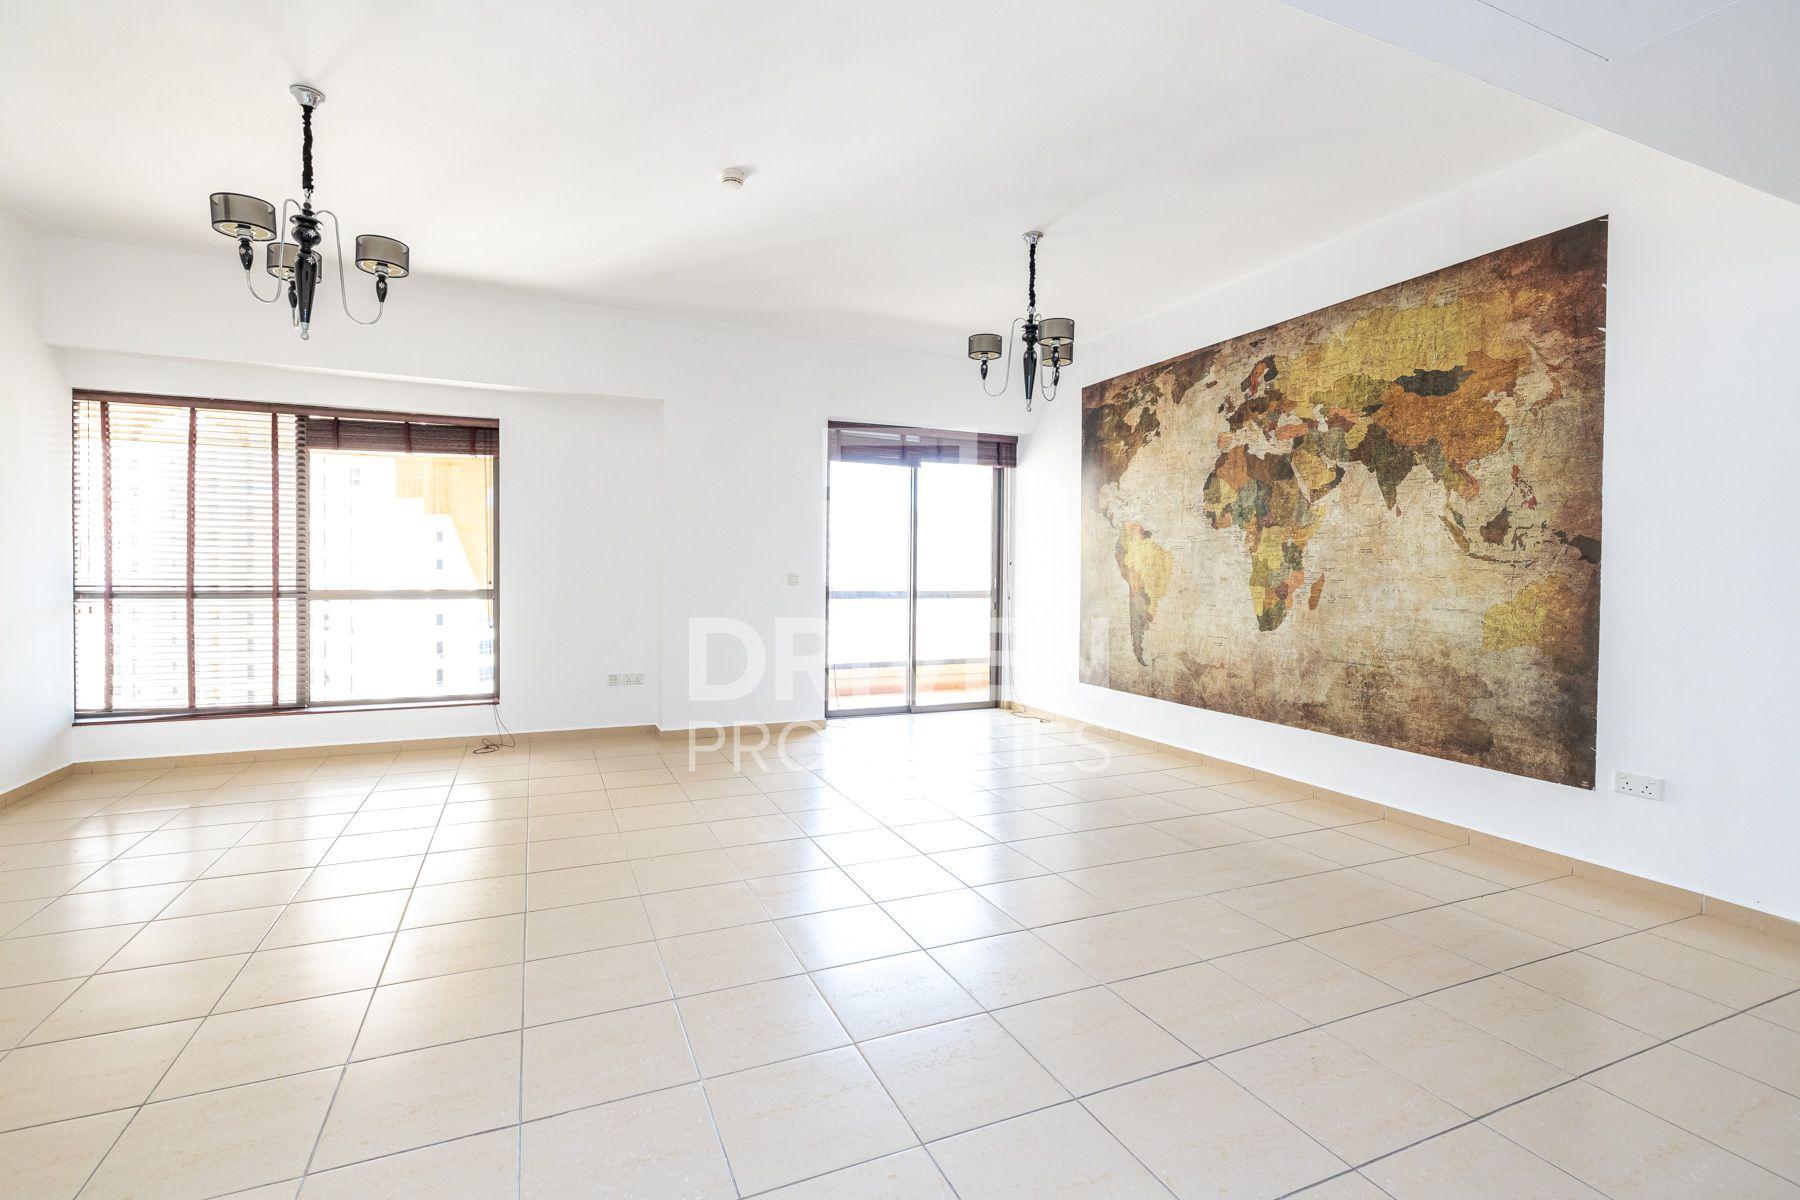 1,395 قدم مربع  شقة - للايجار - مساكن شاطئ الجميرا